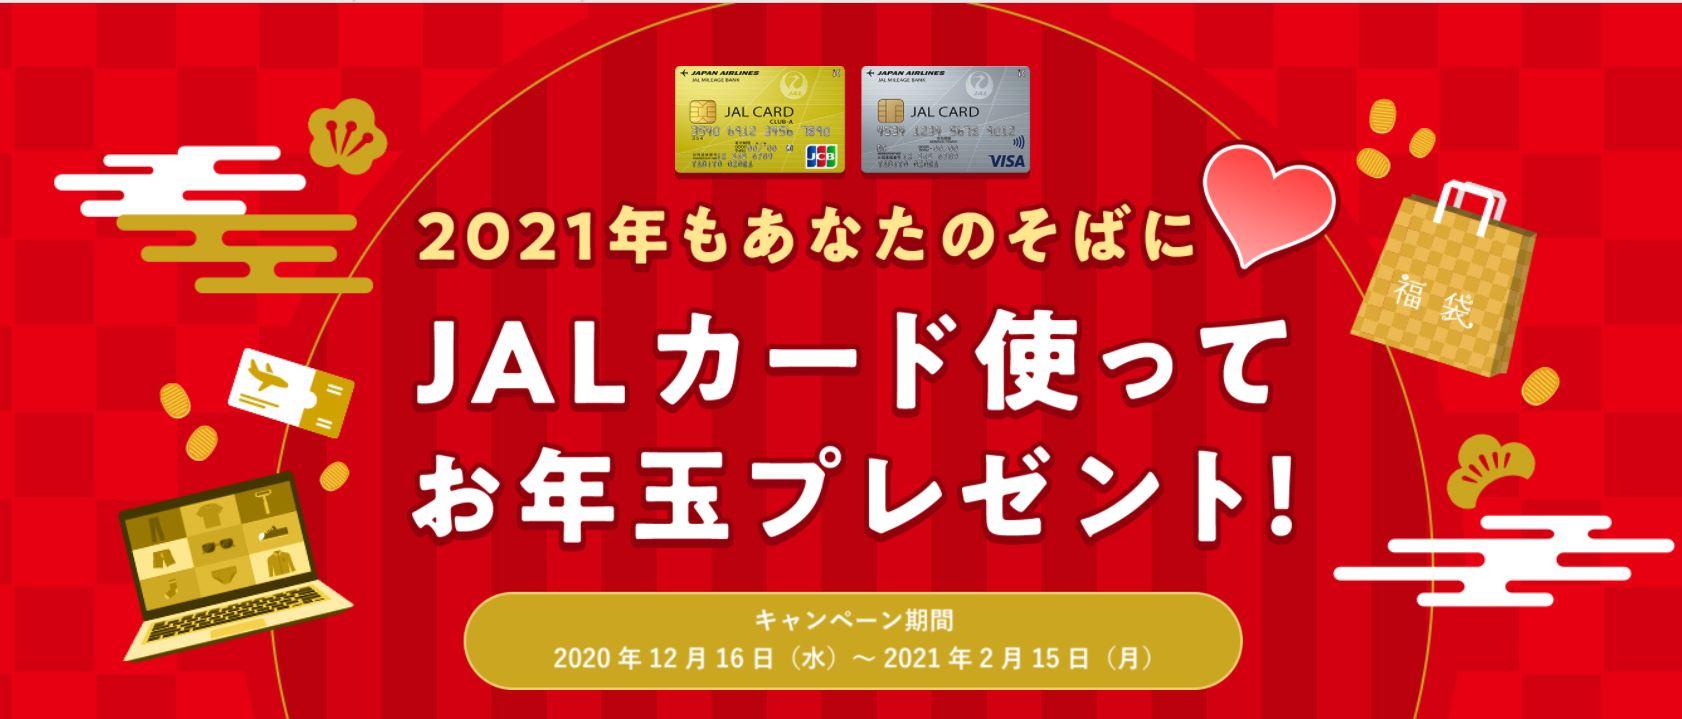 JALカードお年玉キャンペーン